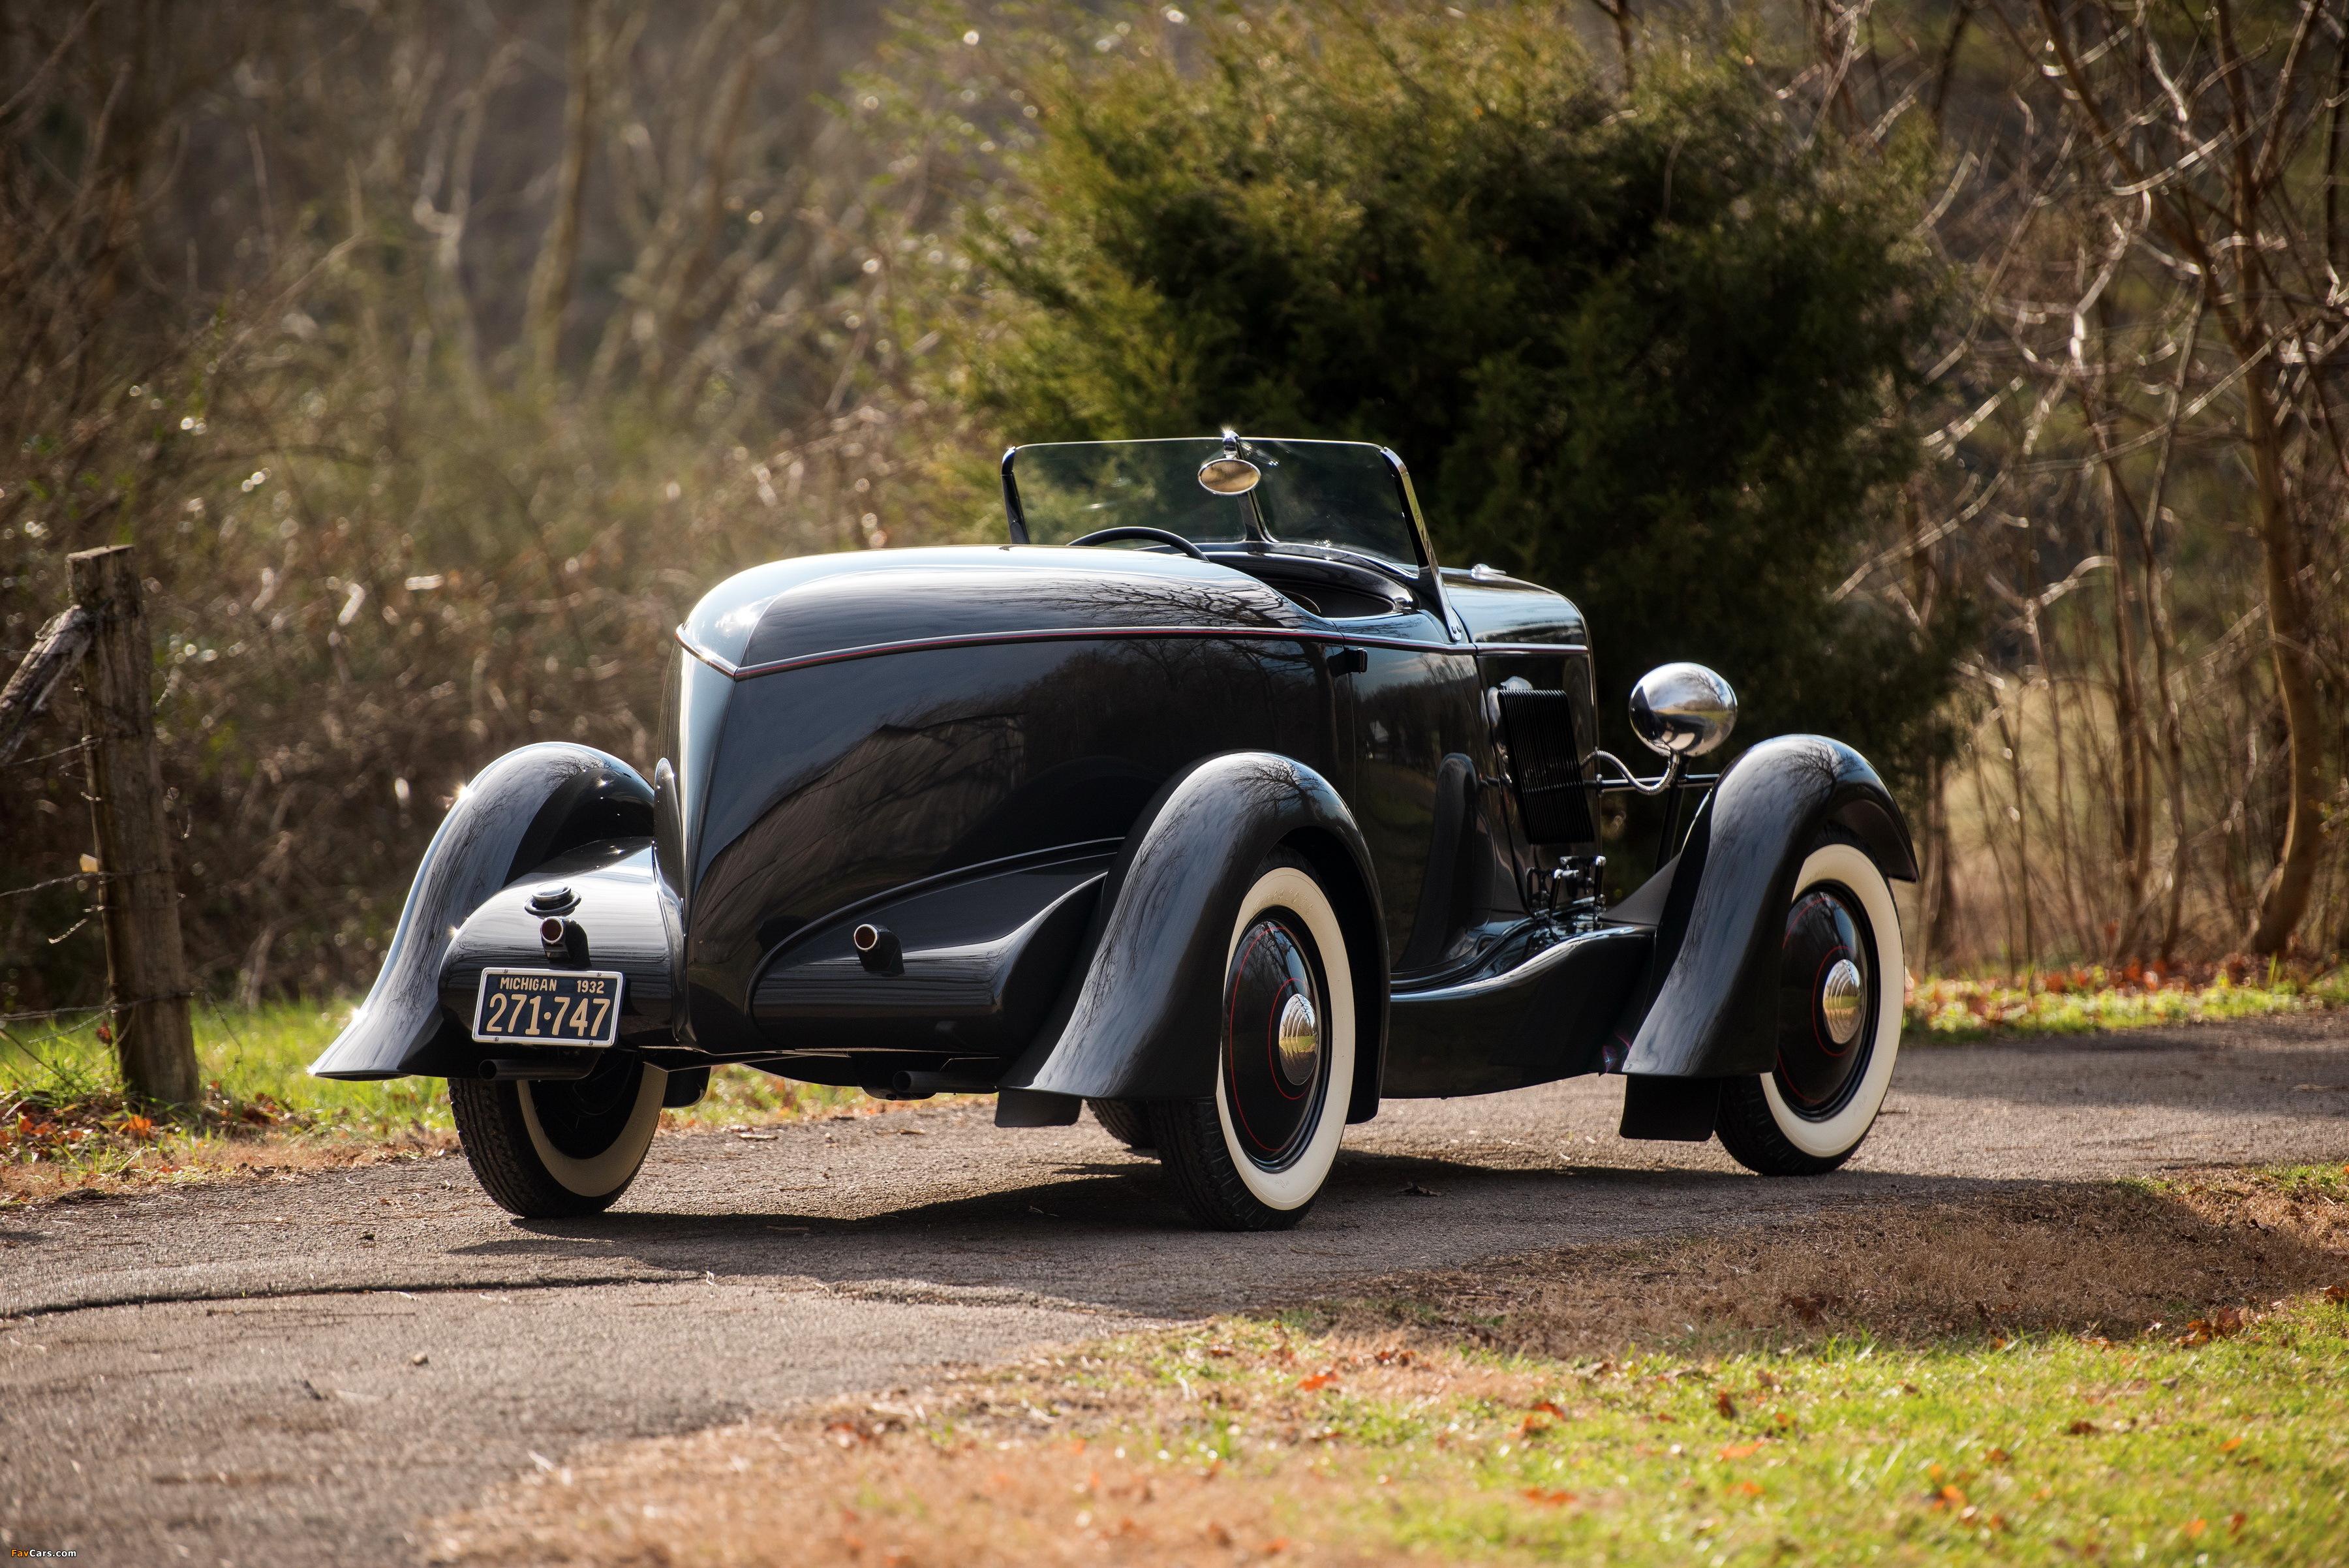 Ford V8 Special Speedster 1932 Wallpapers - Edsel Ford's 1932 Model 18 Speedster - HD Wallpaper